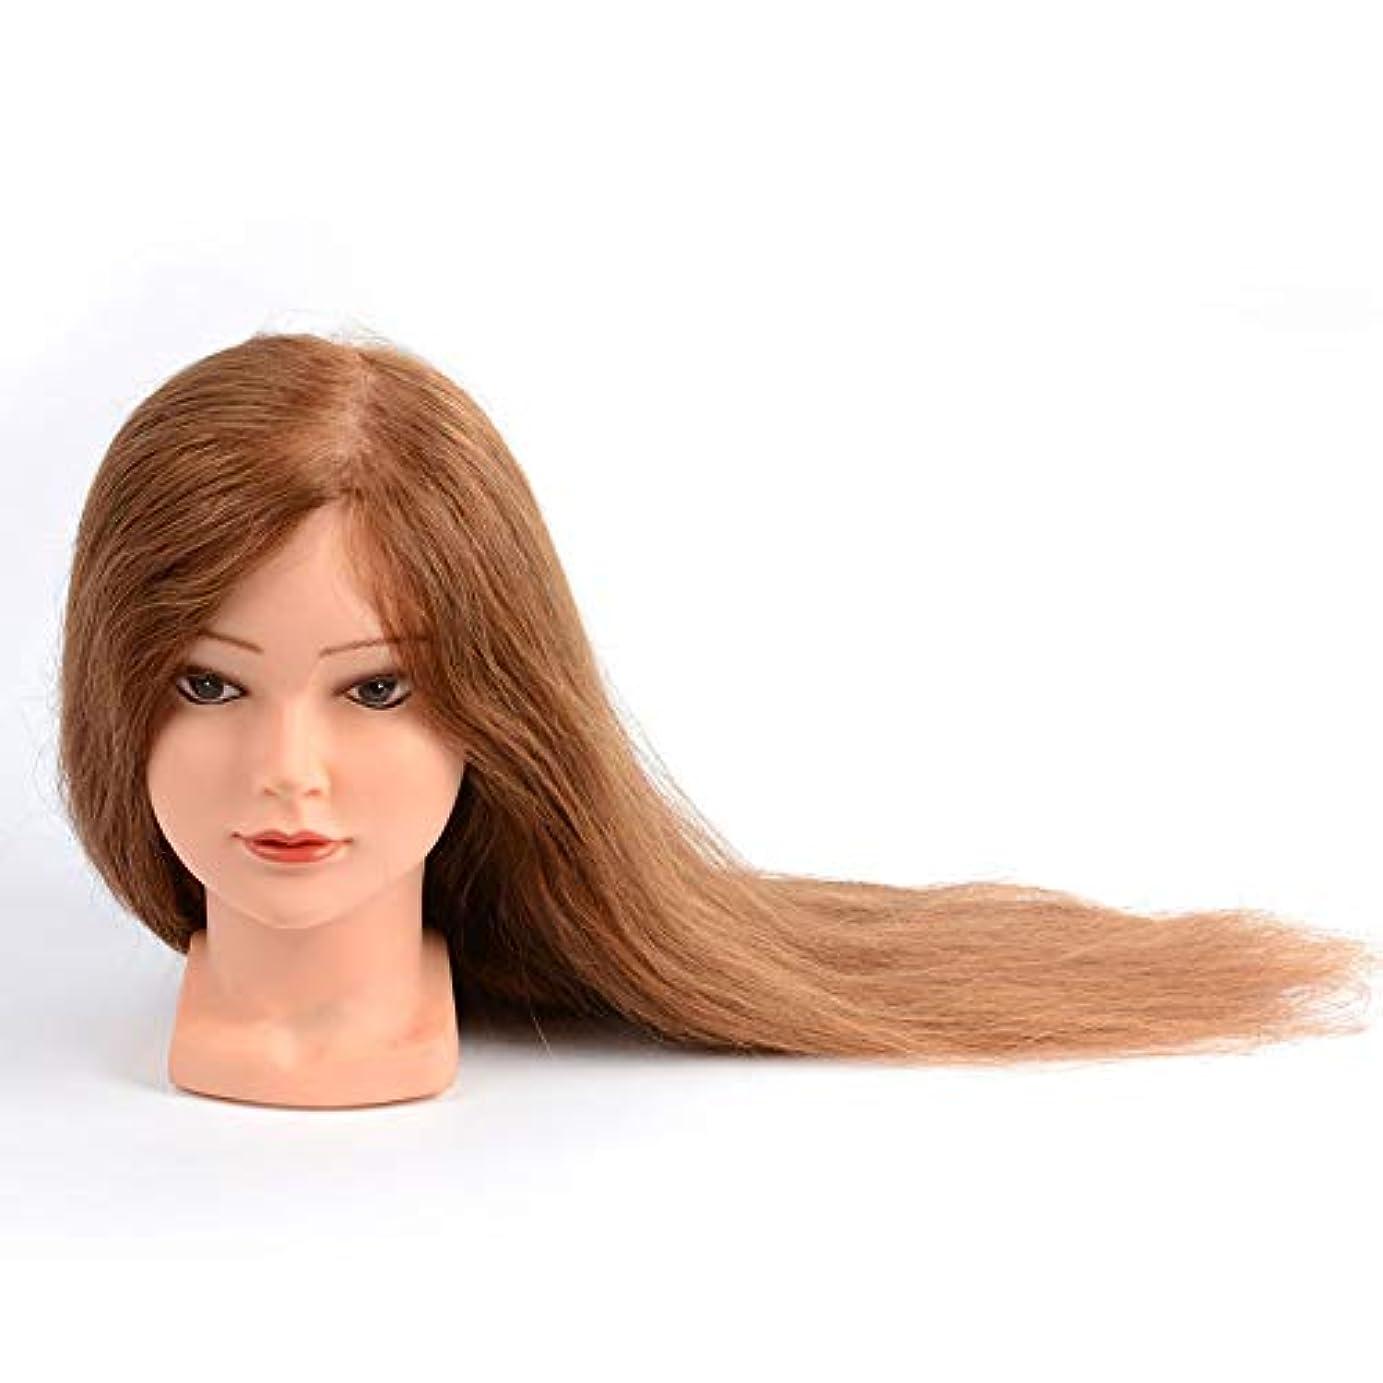 原理クレジット義務的実在の人の髪のダミーヘッド理髪店学習パーマ髪染めウィッグモデルヘッド花嫁メイクスタイル教育ヘッド